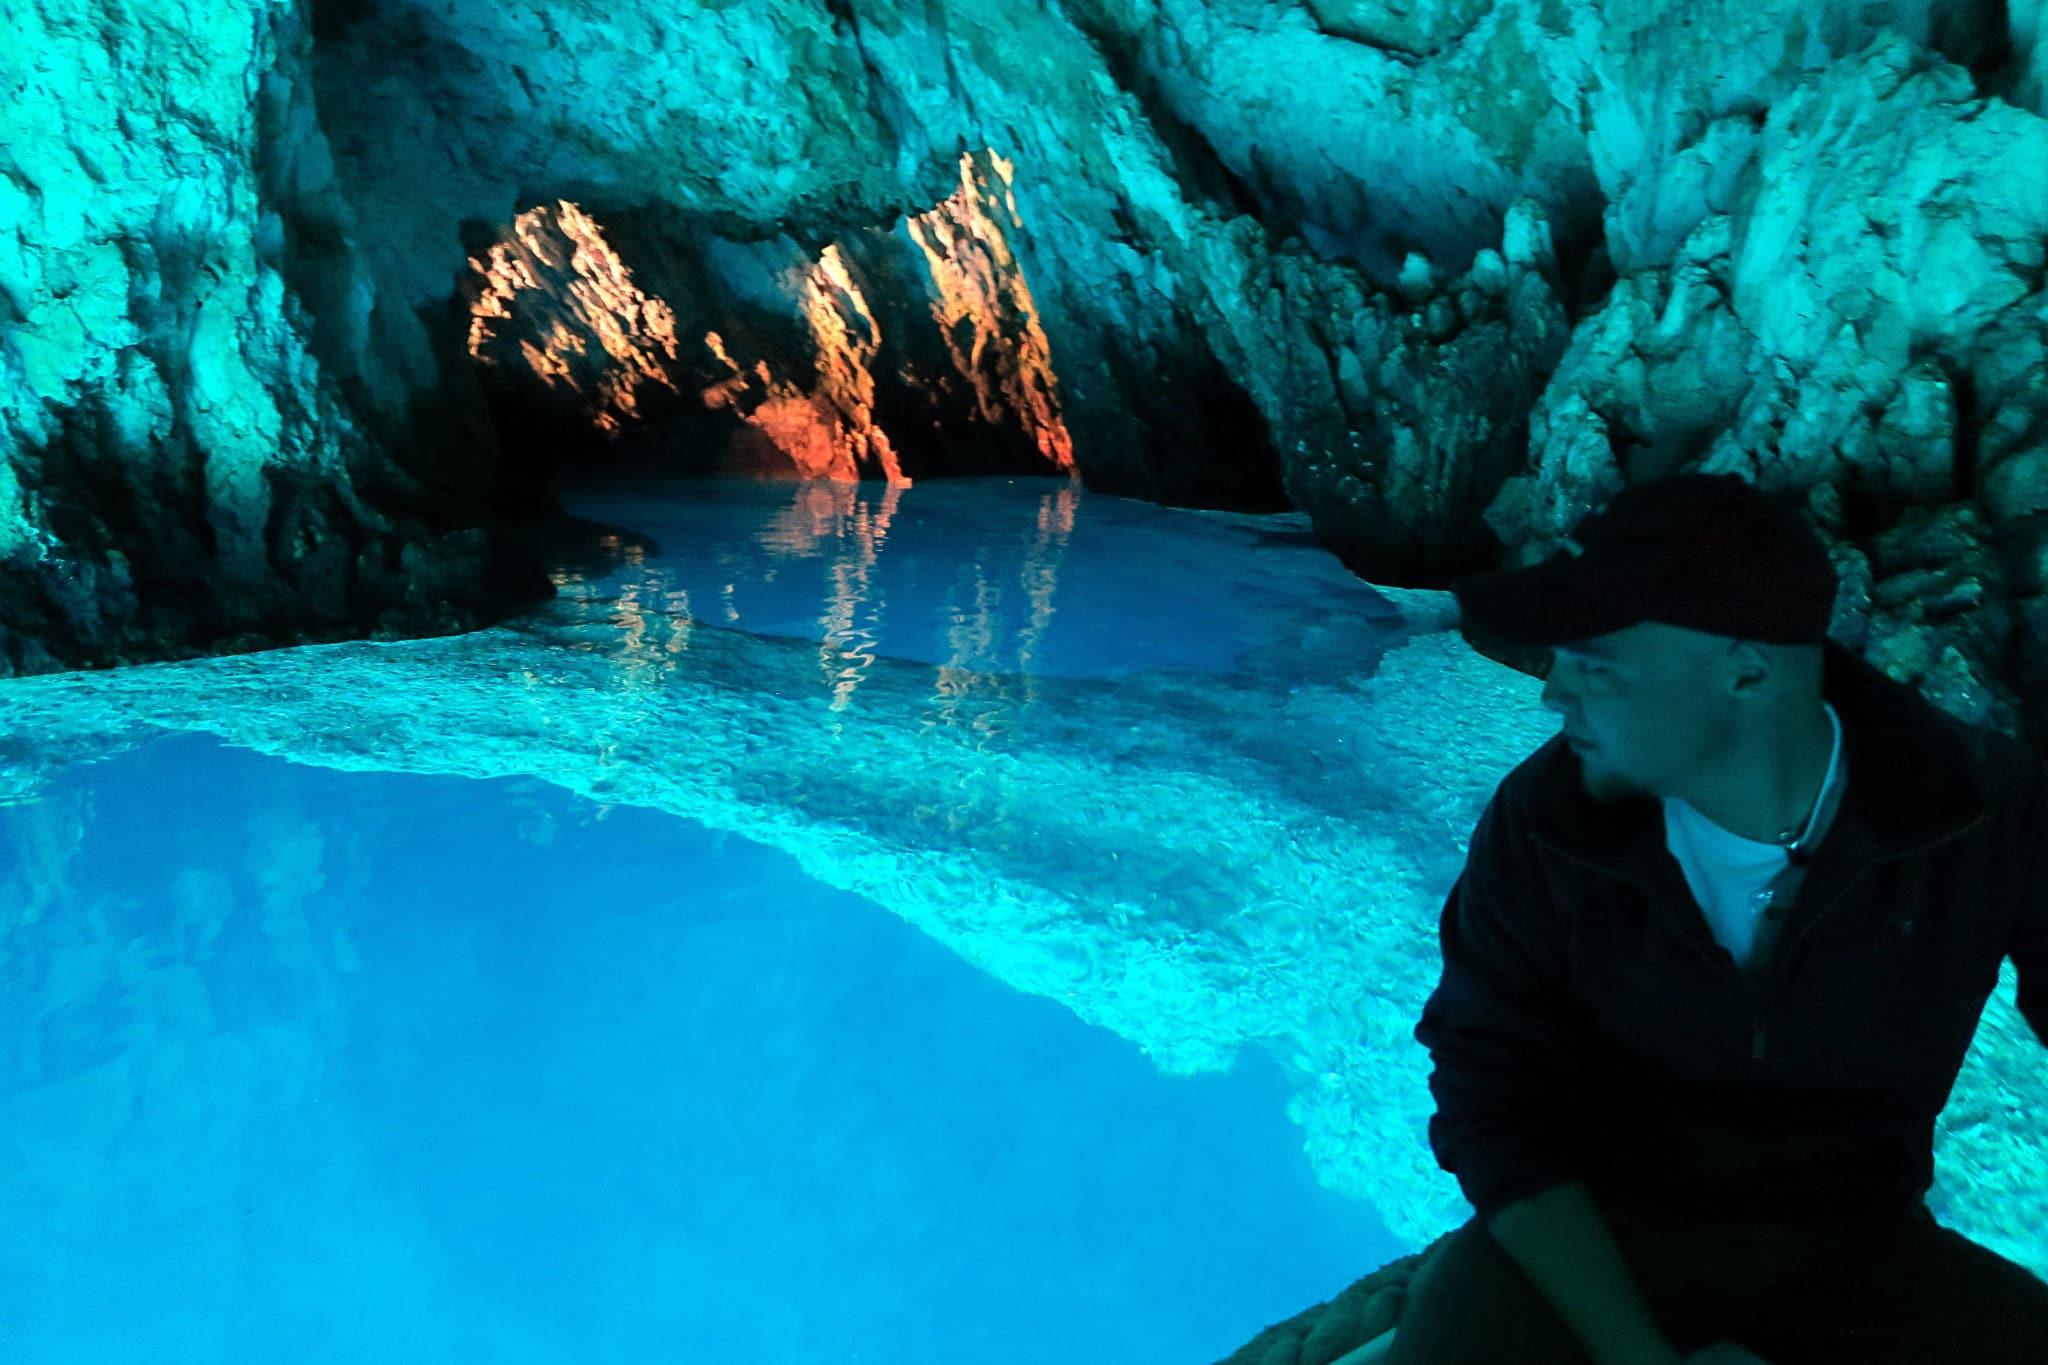 Modra Spilja Blue Cave Bisevo Island Croatia